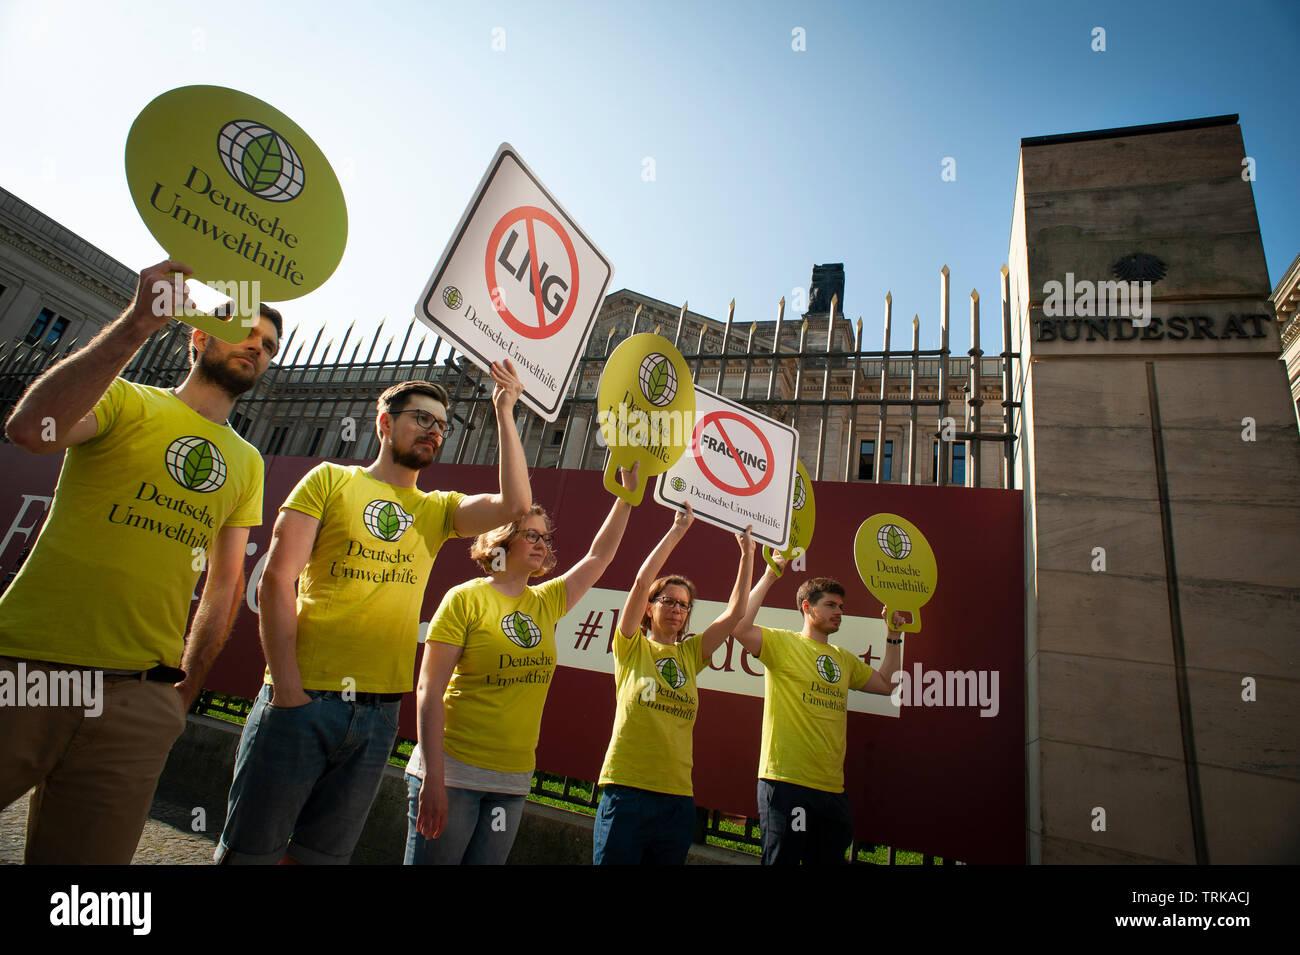 Los manifestantes fuera del Bundesrat alemán en Berlín. Contra la importación de Estados Unidos Fracked gas en Alemania. Foto de stock